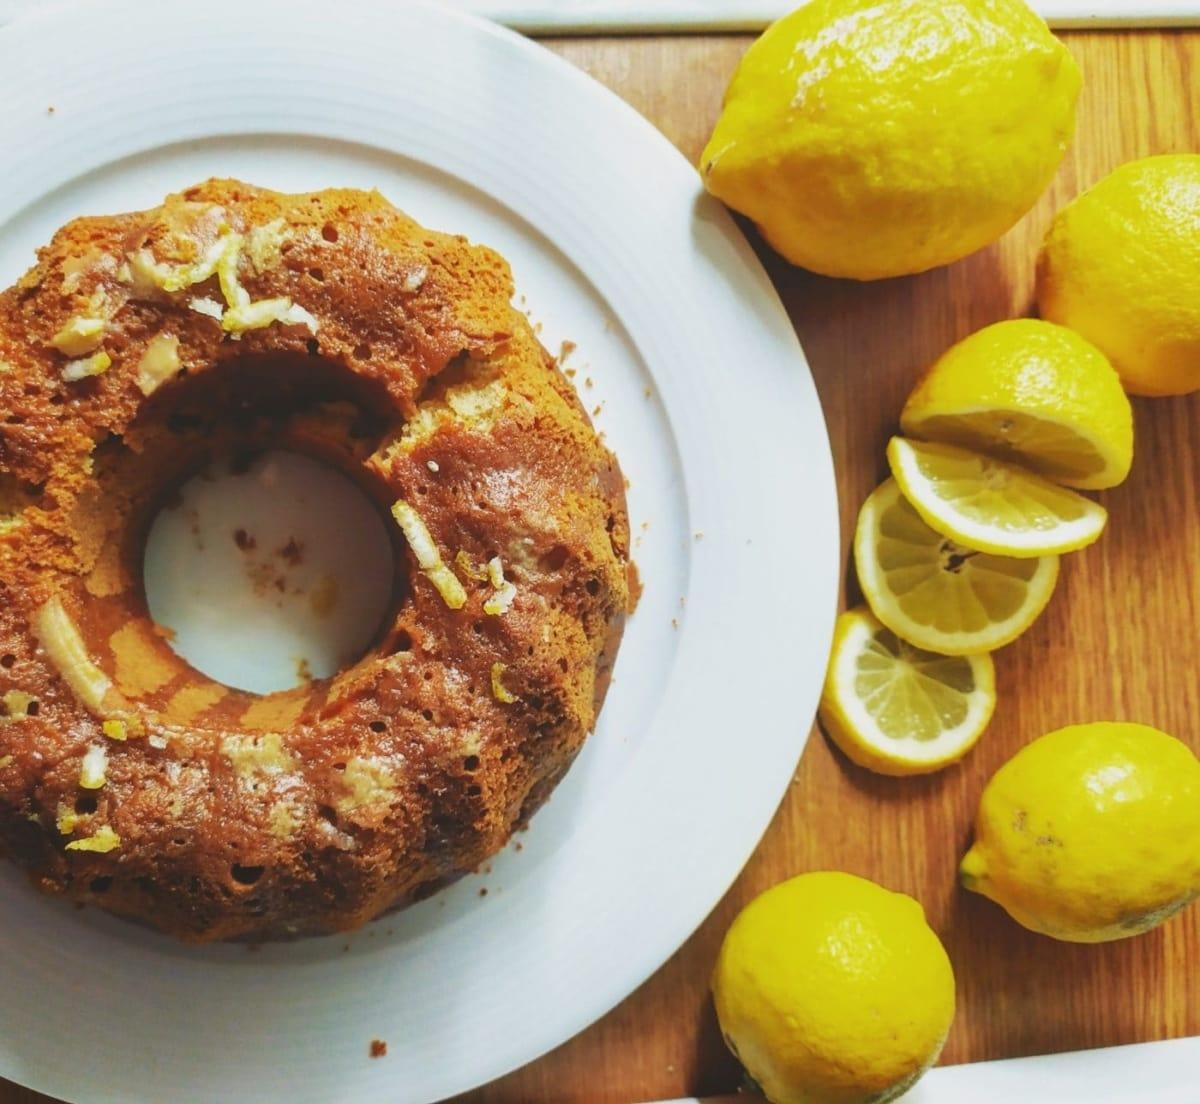 Νοστιμότατο κέικ λεμονιού